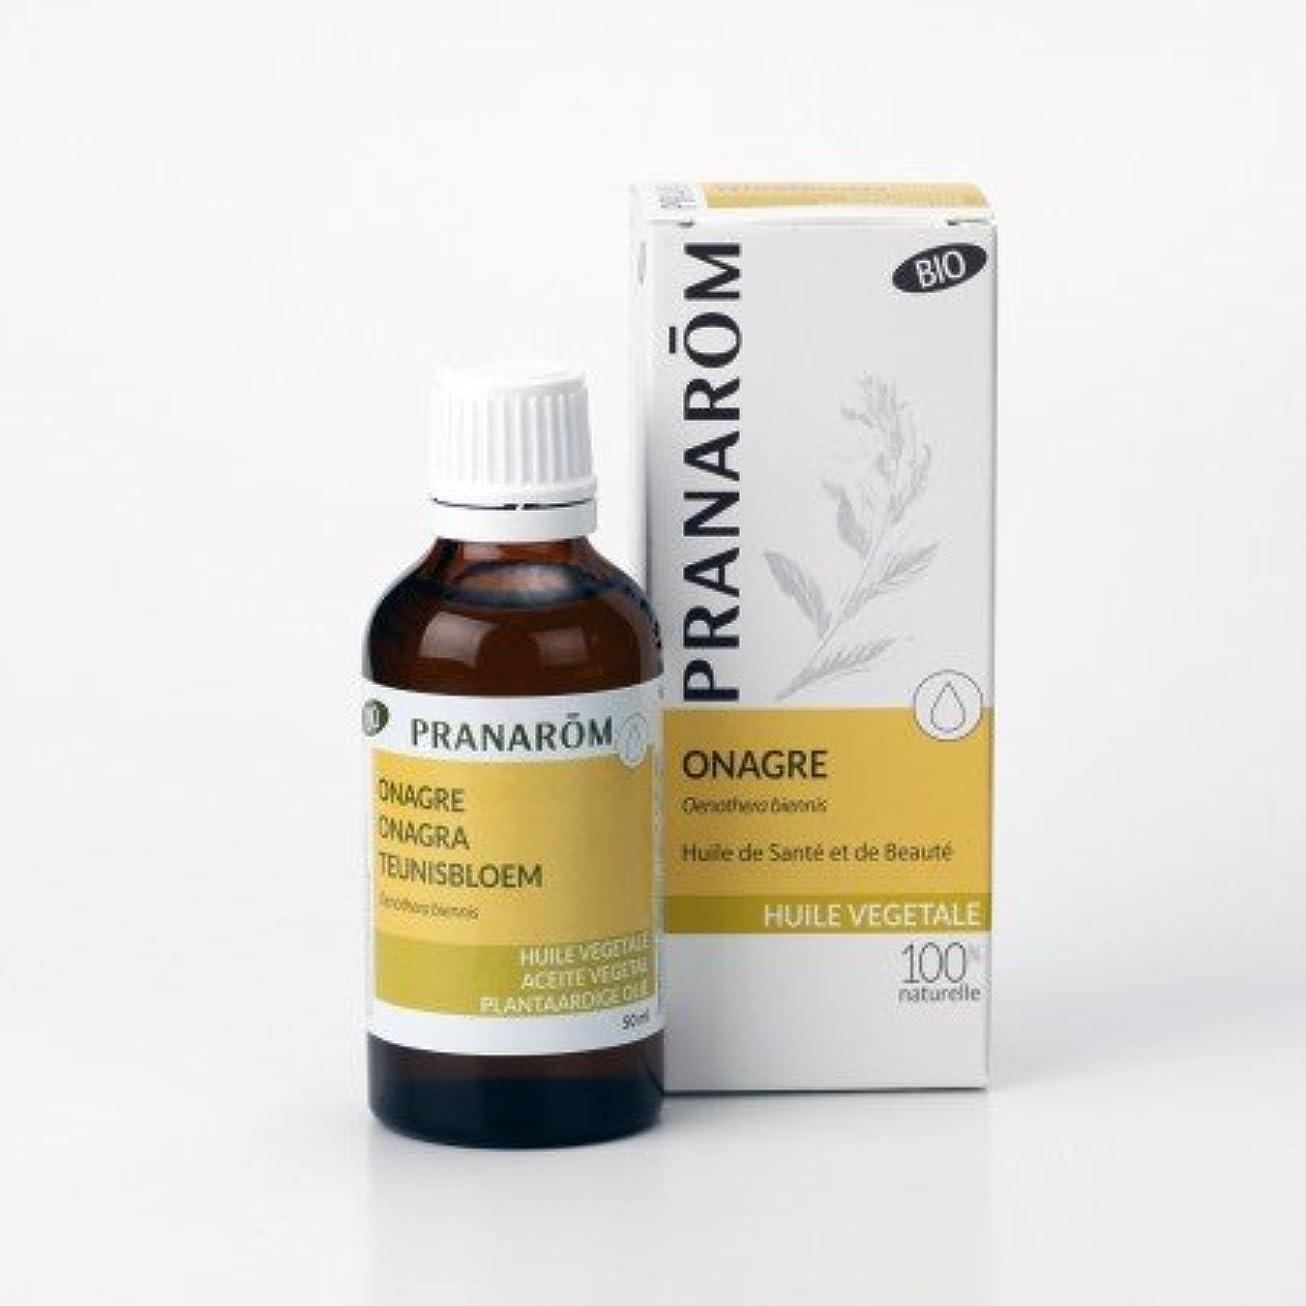 ビルダー圧倒するいらいらするプラナロム ( PRANAROM ) 植物油 イブニングプリムローズ油 50ml 12530 イブニングプリムローズオイル キャリアオイル ( 化粧油 )